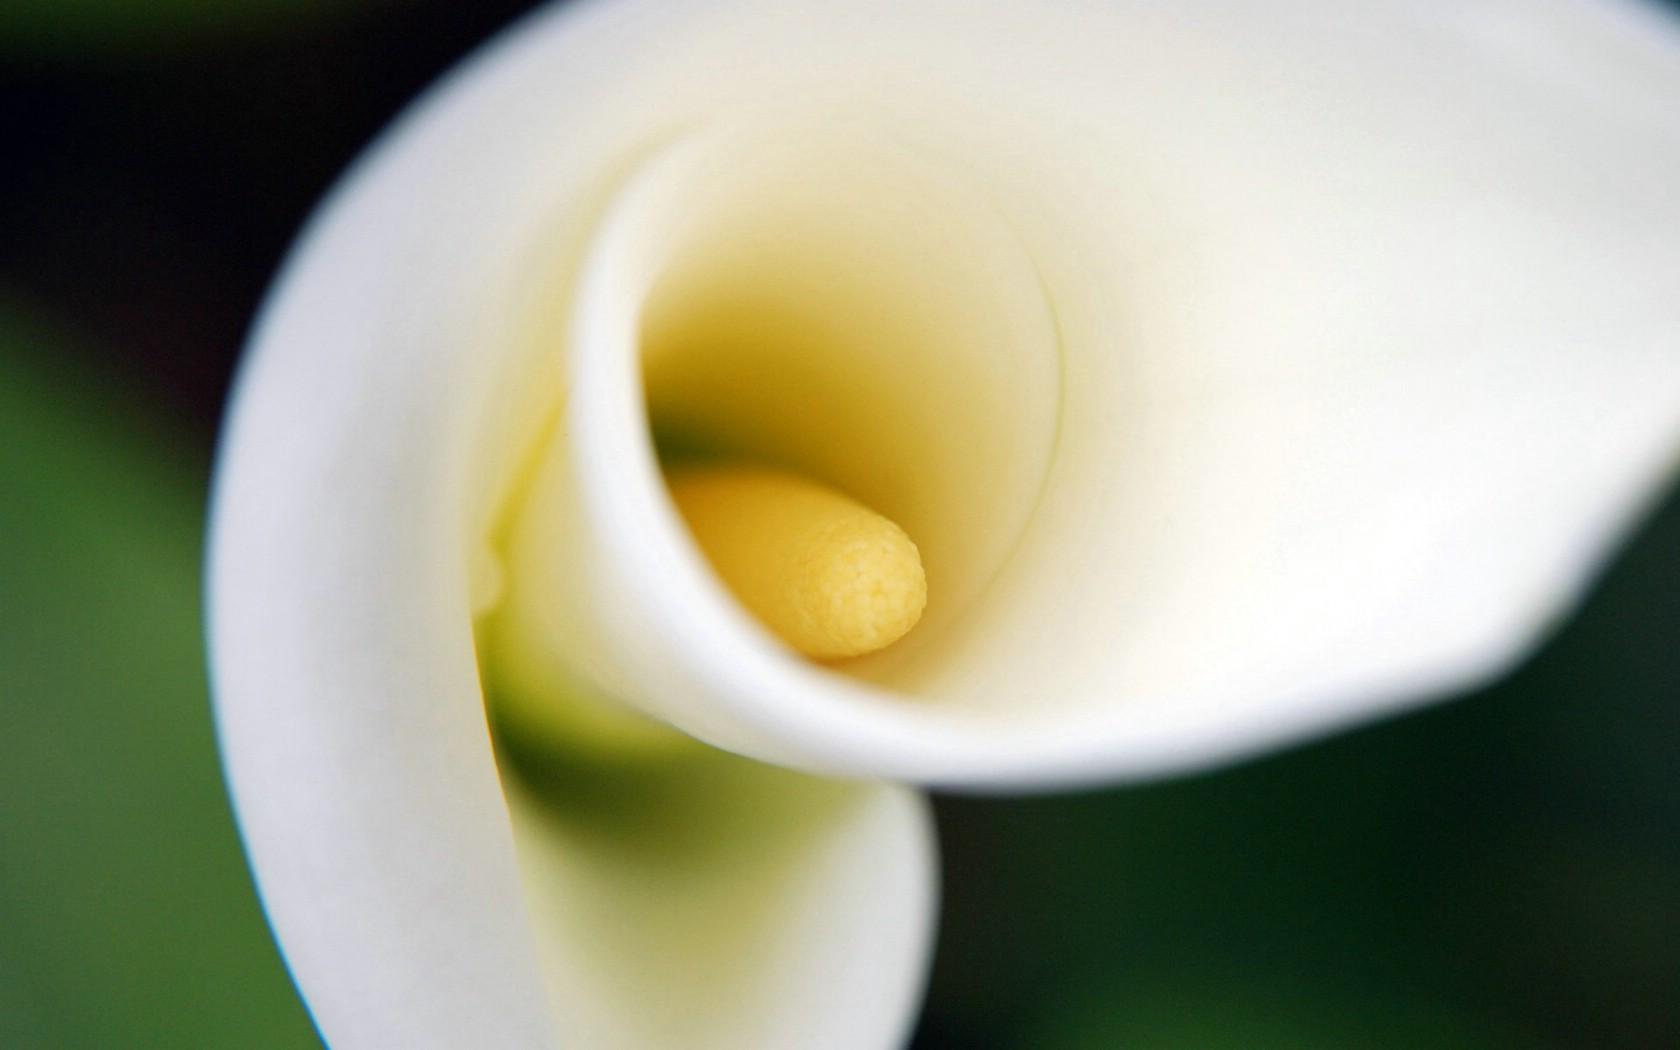 壁纸1680×1050朦胧花朵柔美 宽屏壁纸 壁纸97壁纸 朦胧花朵柔美 宽屏壁壁纸图片系统壁纸系统图片素材桌面壁纸